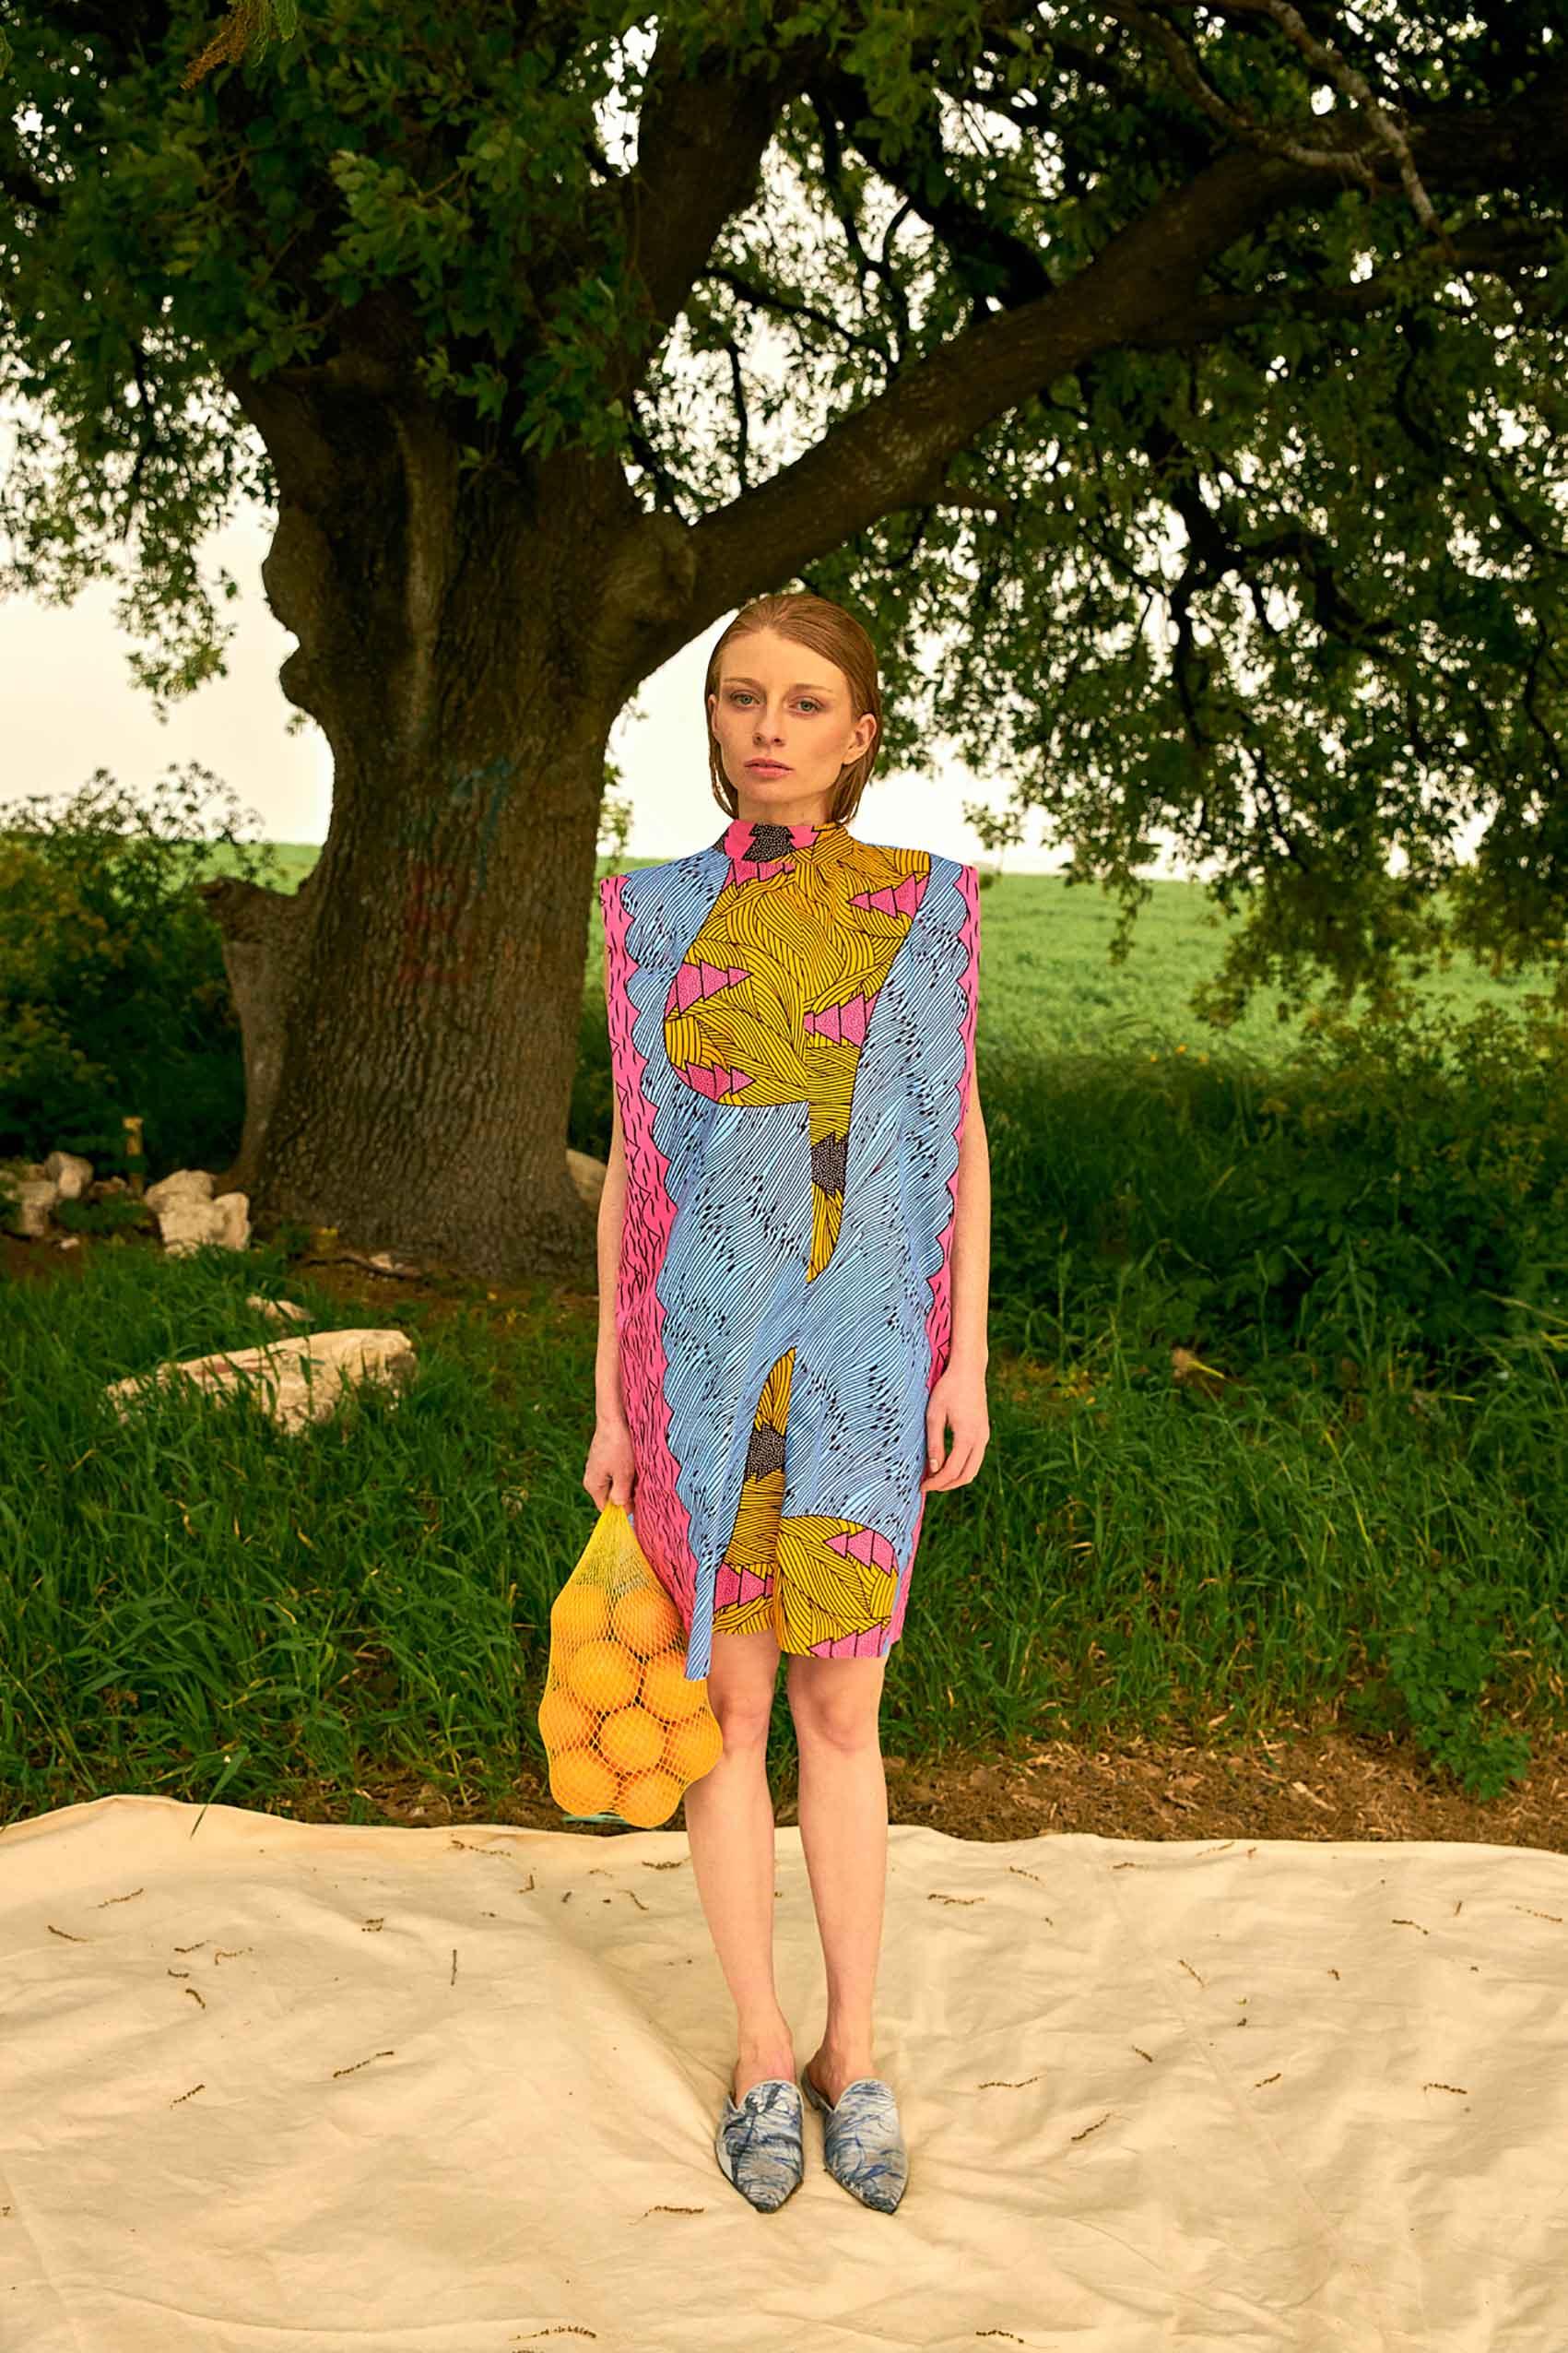 הפקות-אופנה-Photographer: PAVEL ZUBENKO, Model: ANASTASIA KUDRYAVTSEVA, Model Agency: HH MODEL, Styling: DANA ASHEROV, Hair Stylist & Makeup Artist: OLLA SIGUROV, Photographer Ass: EDO ASULIN-מגזין-אופנה-צילום